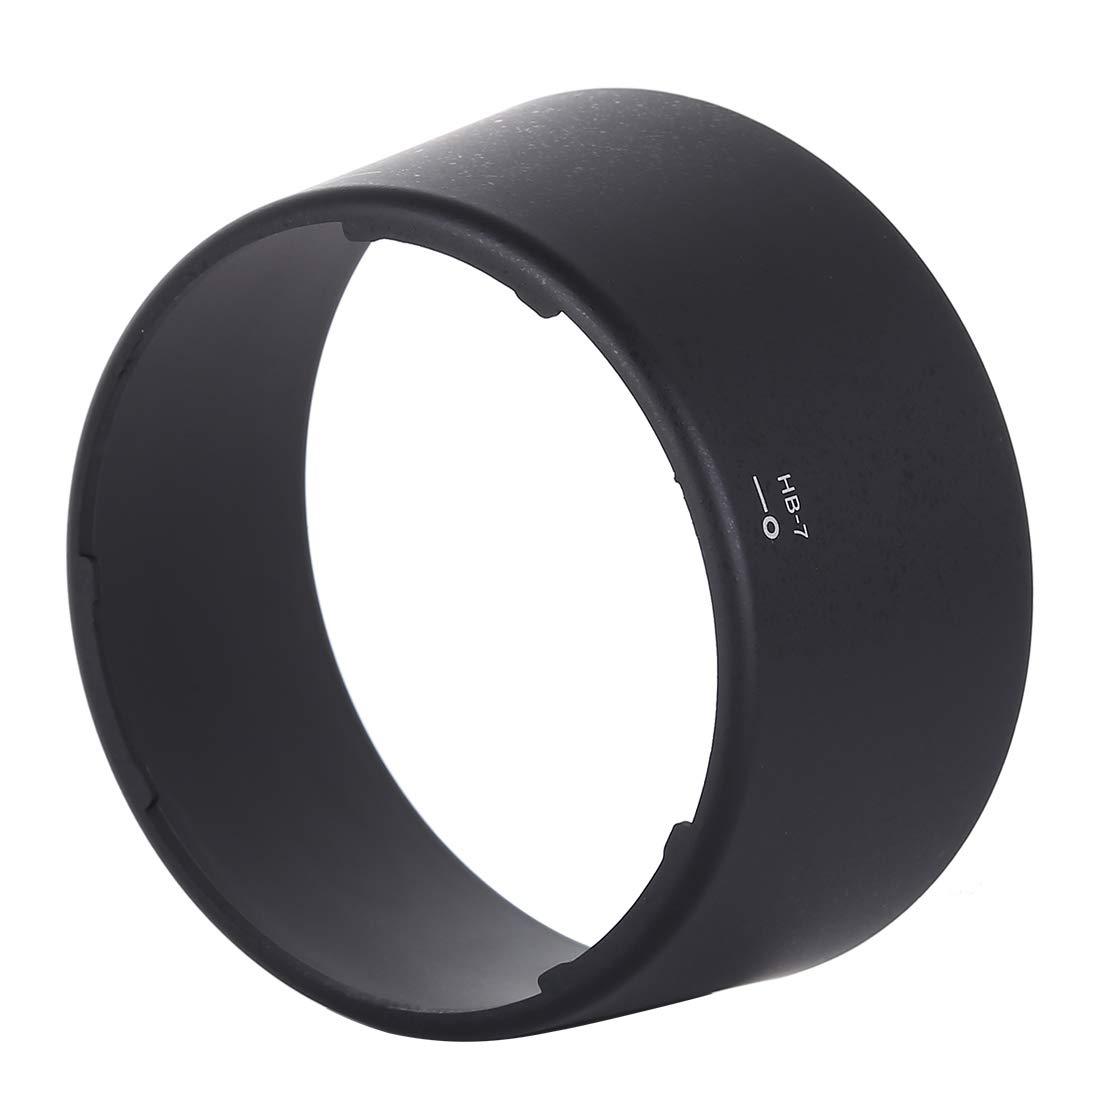 Xdashou Camera Lens Accessories HB-7 Lens Hood Shade for Nikon AF 80-200mm f//2.8D ED Lens